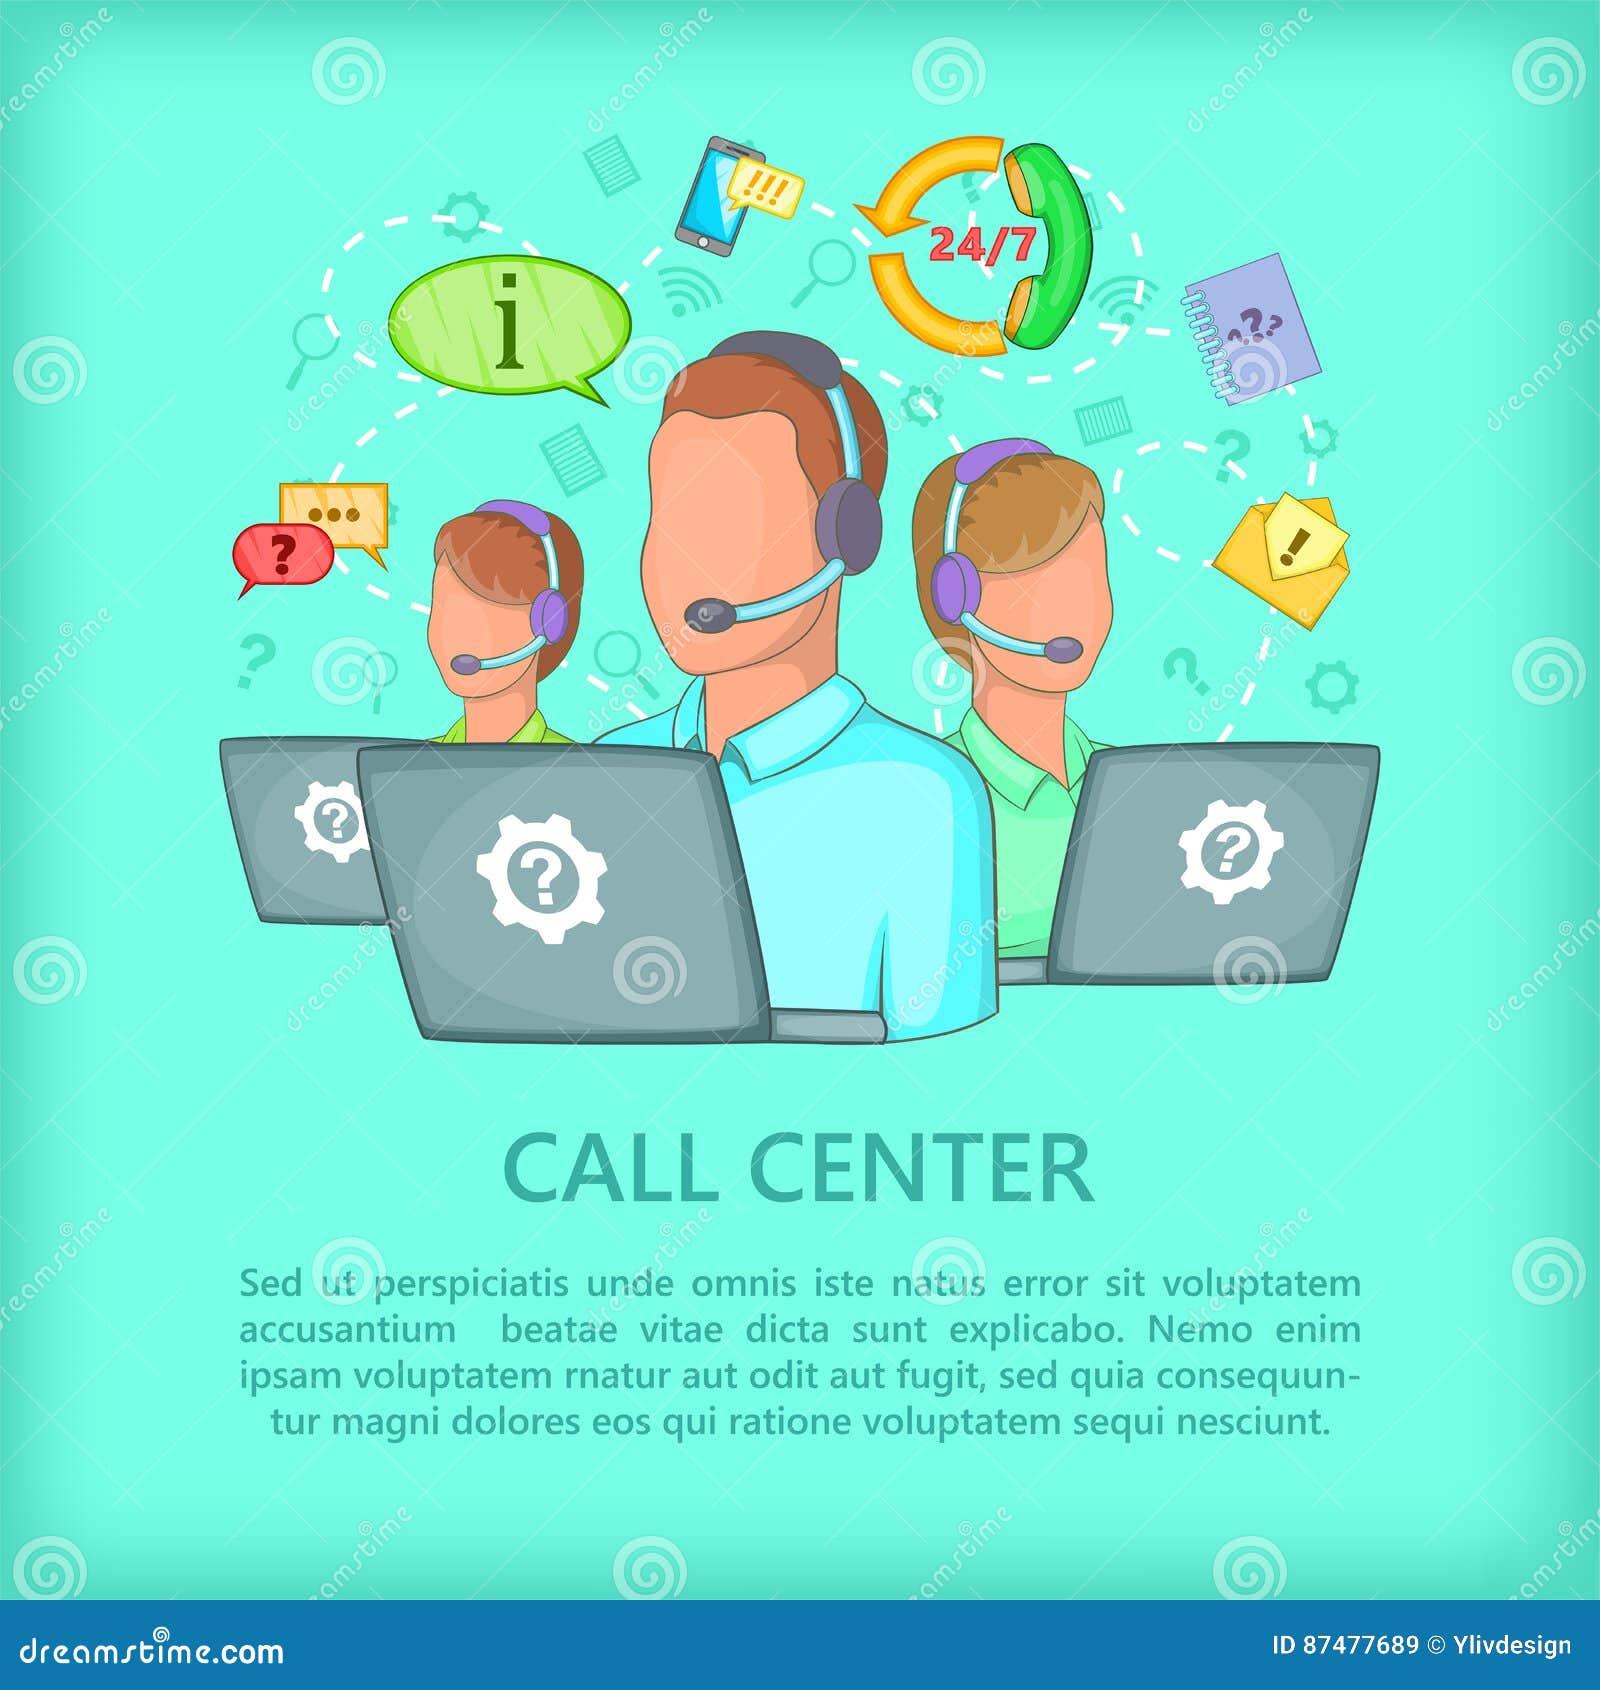 Команда концепции центра телефонного обслуживания, стиль шаржа